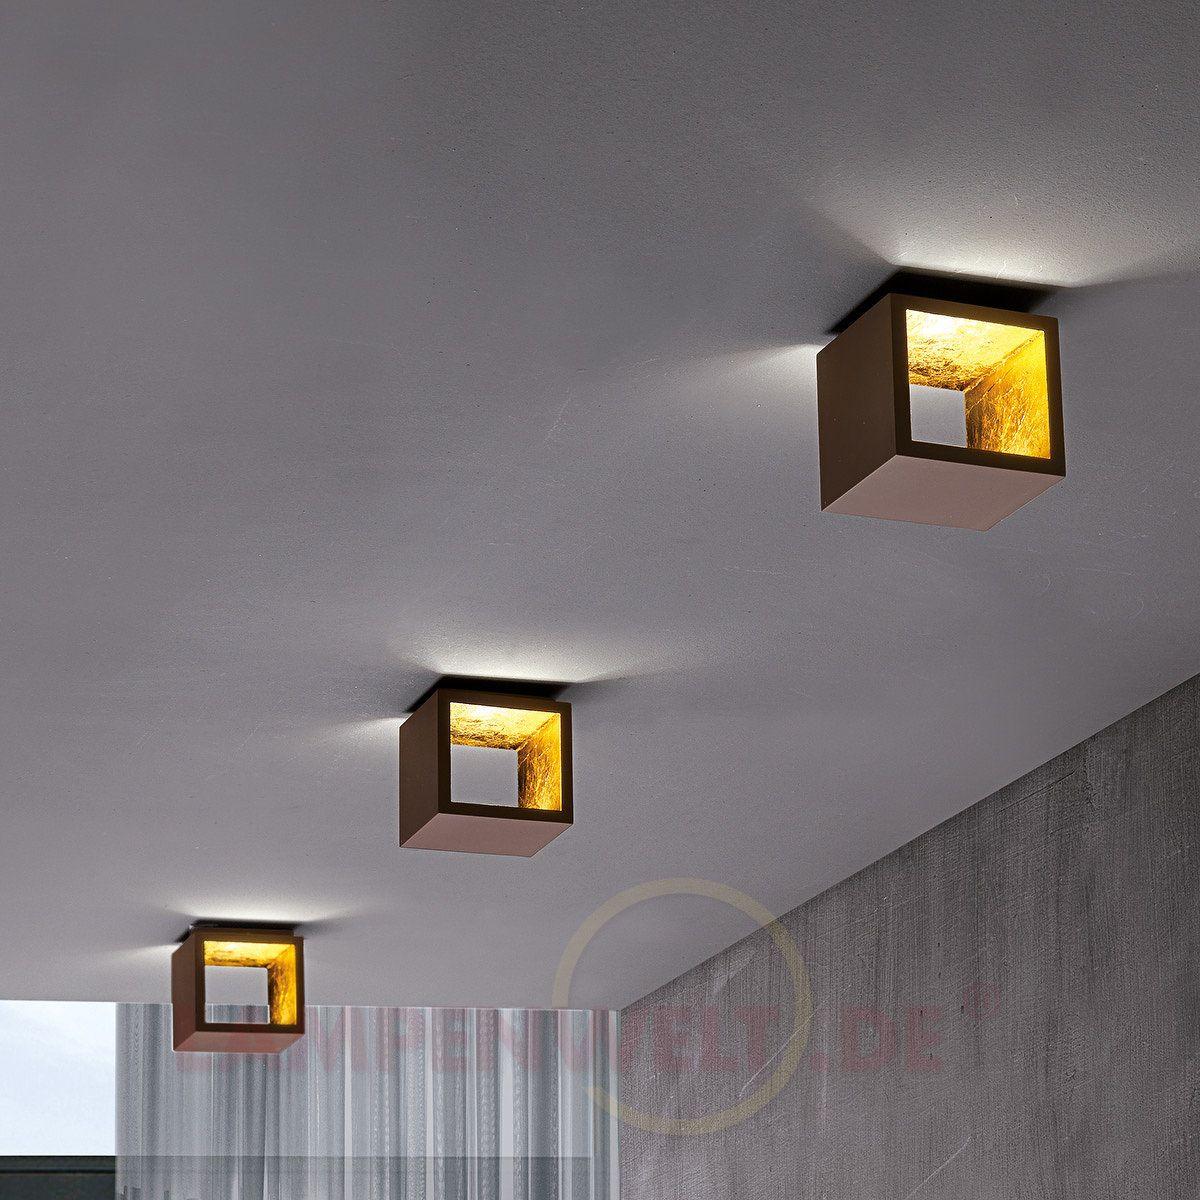 Wurfelformige Led Deckenleuchte Cubo Braun Gold 6701298 Lampen Und Leuchten Deckenleuchten Design Wandleuchte